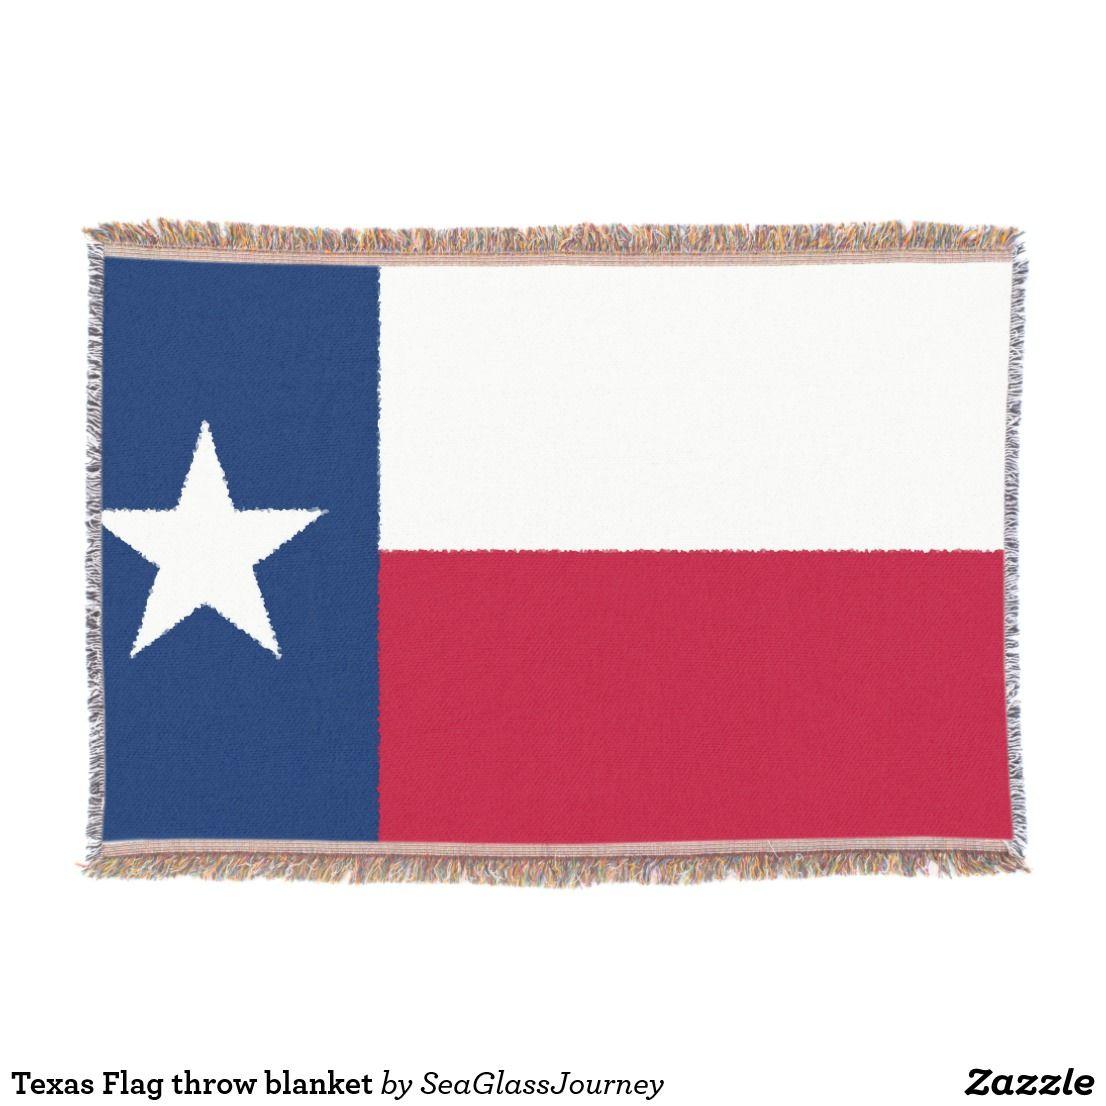 Texas Flag Throw Blanket Zazzle Com Throw Blanket Texas Flags Flag